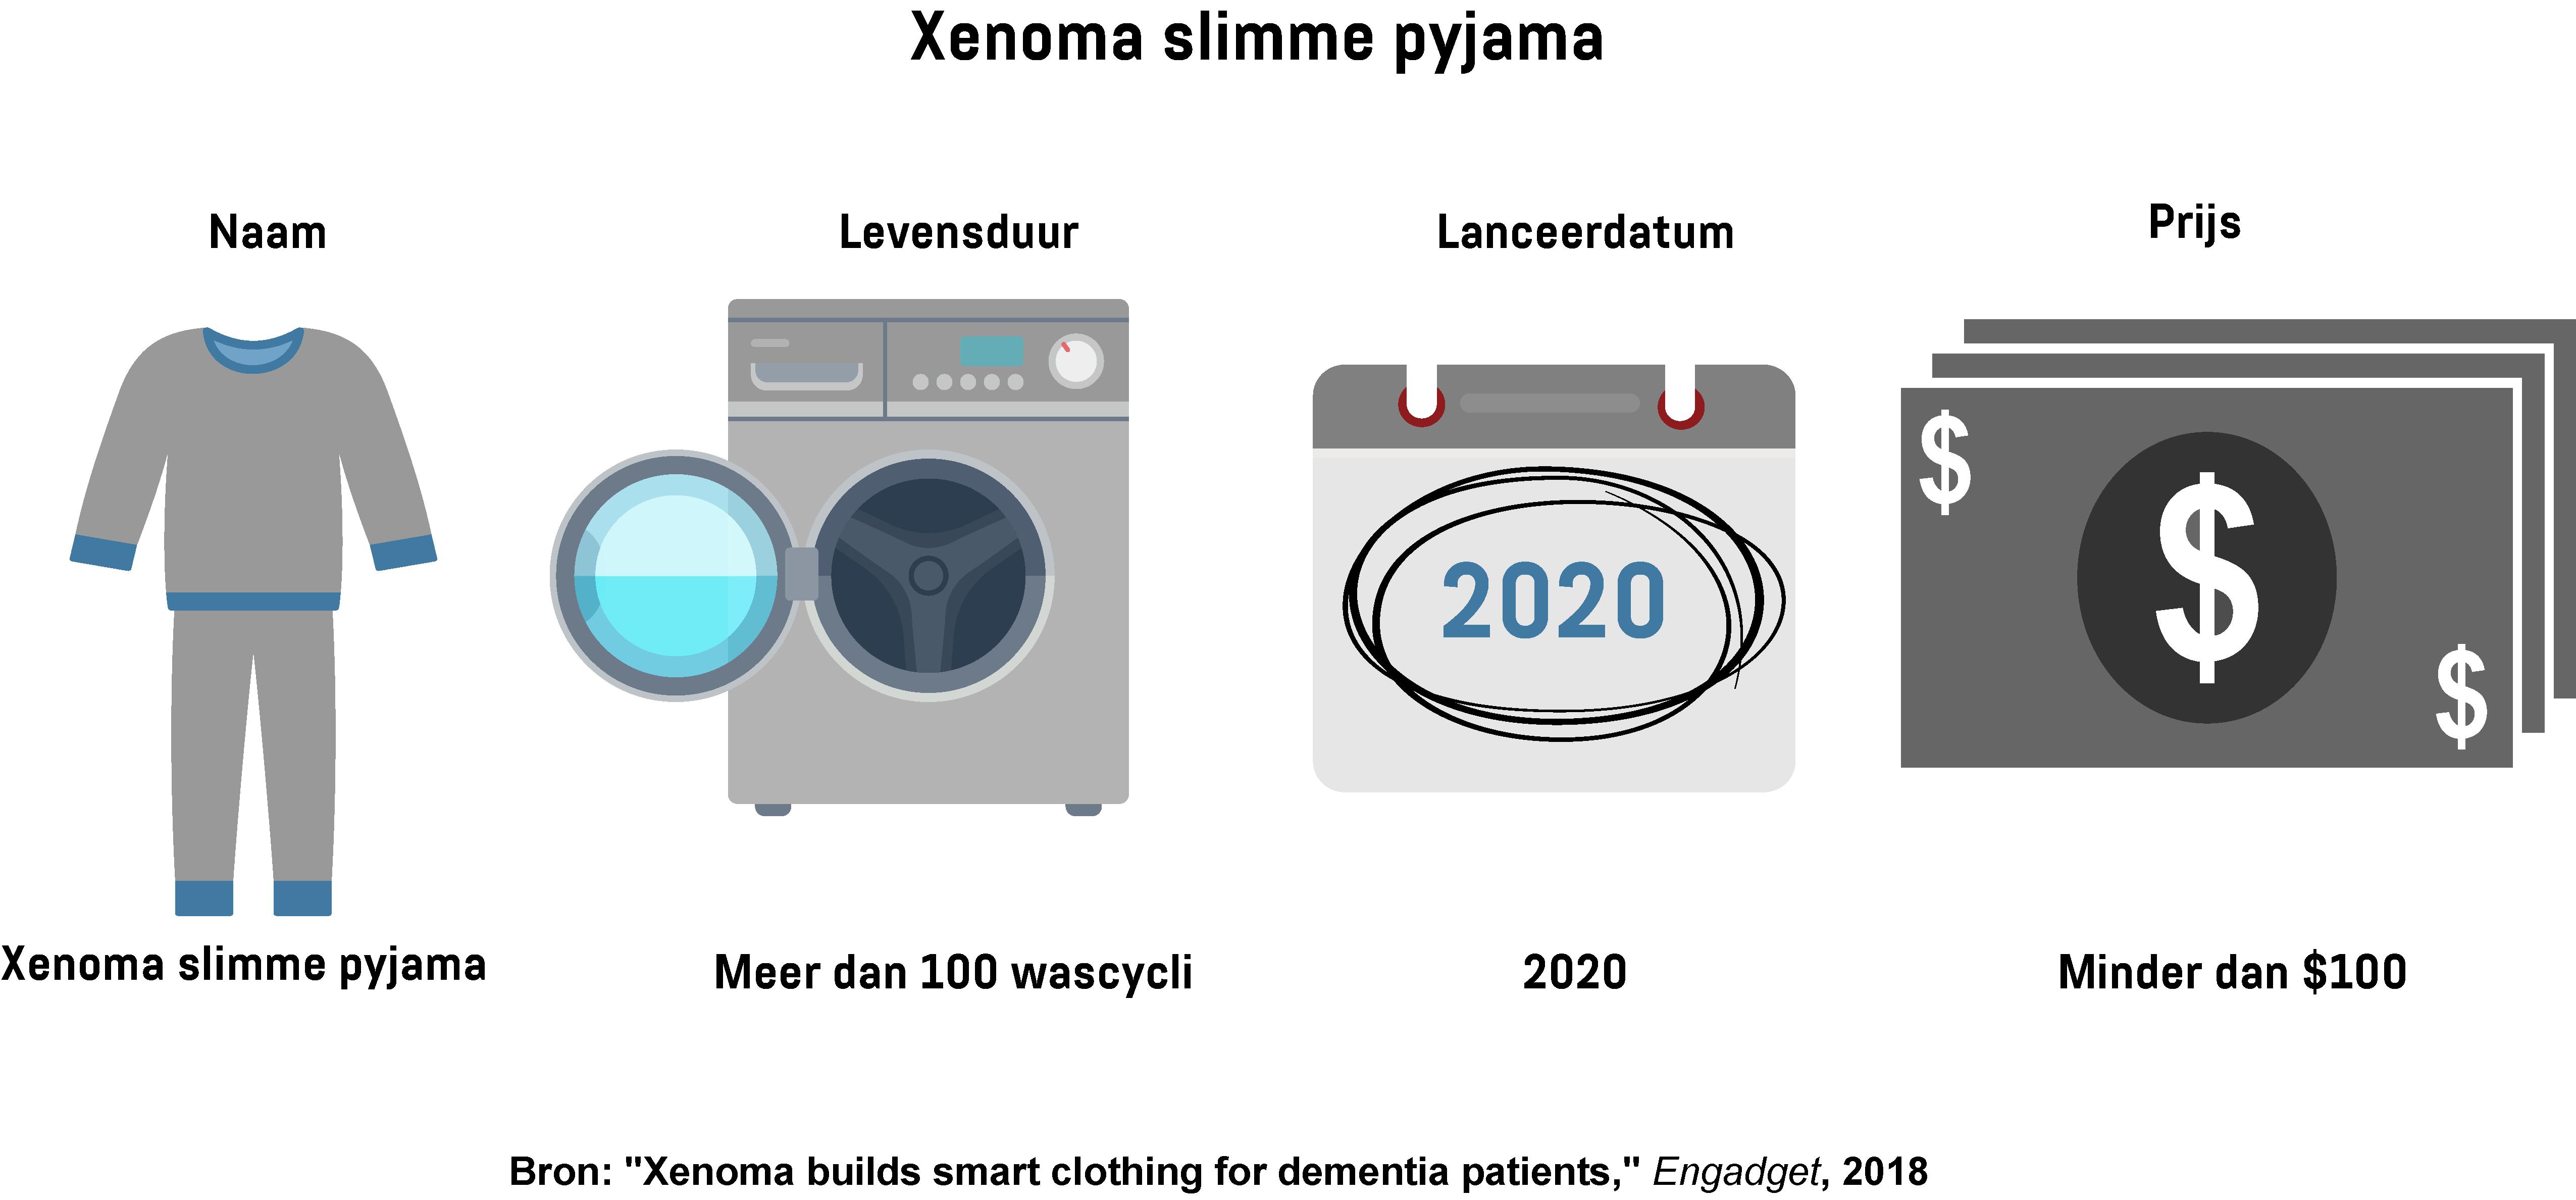 Infographic met basisinformatie over de slimme pyjama van Xenoma, zoals de lanceringsdatum, prijs en levensduur.